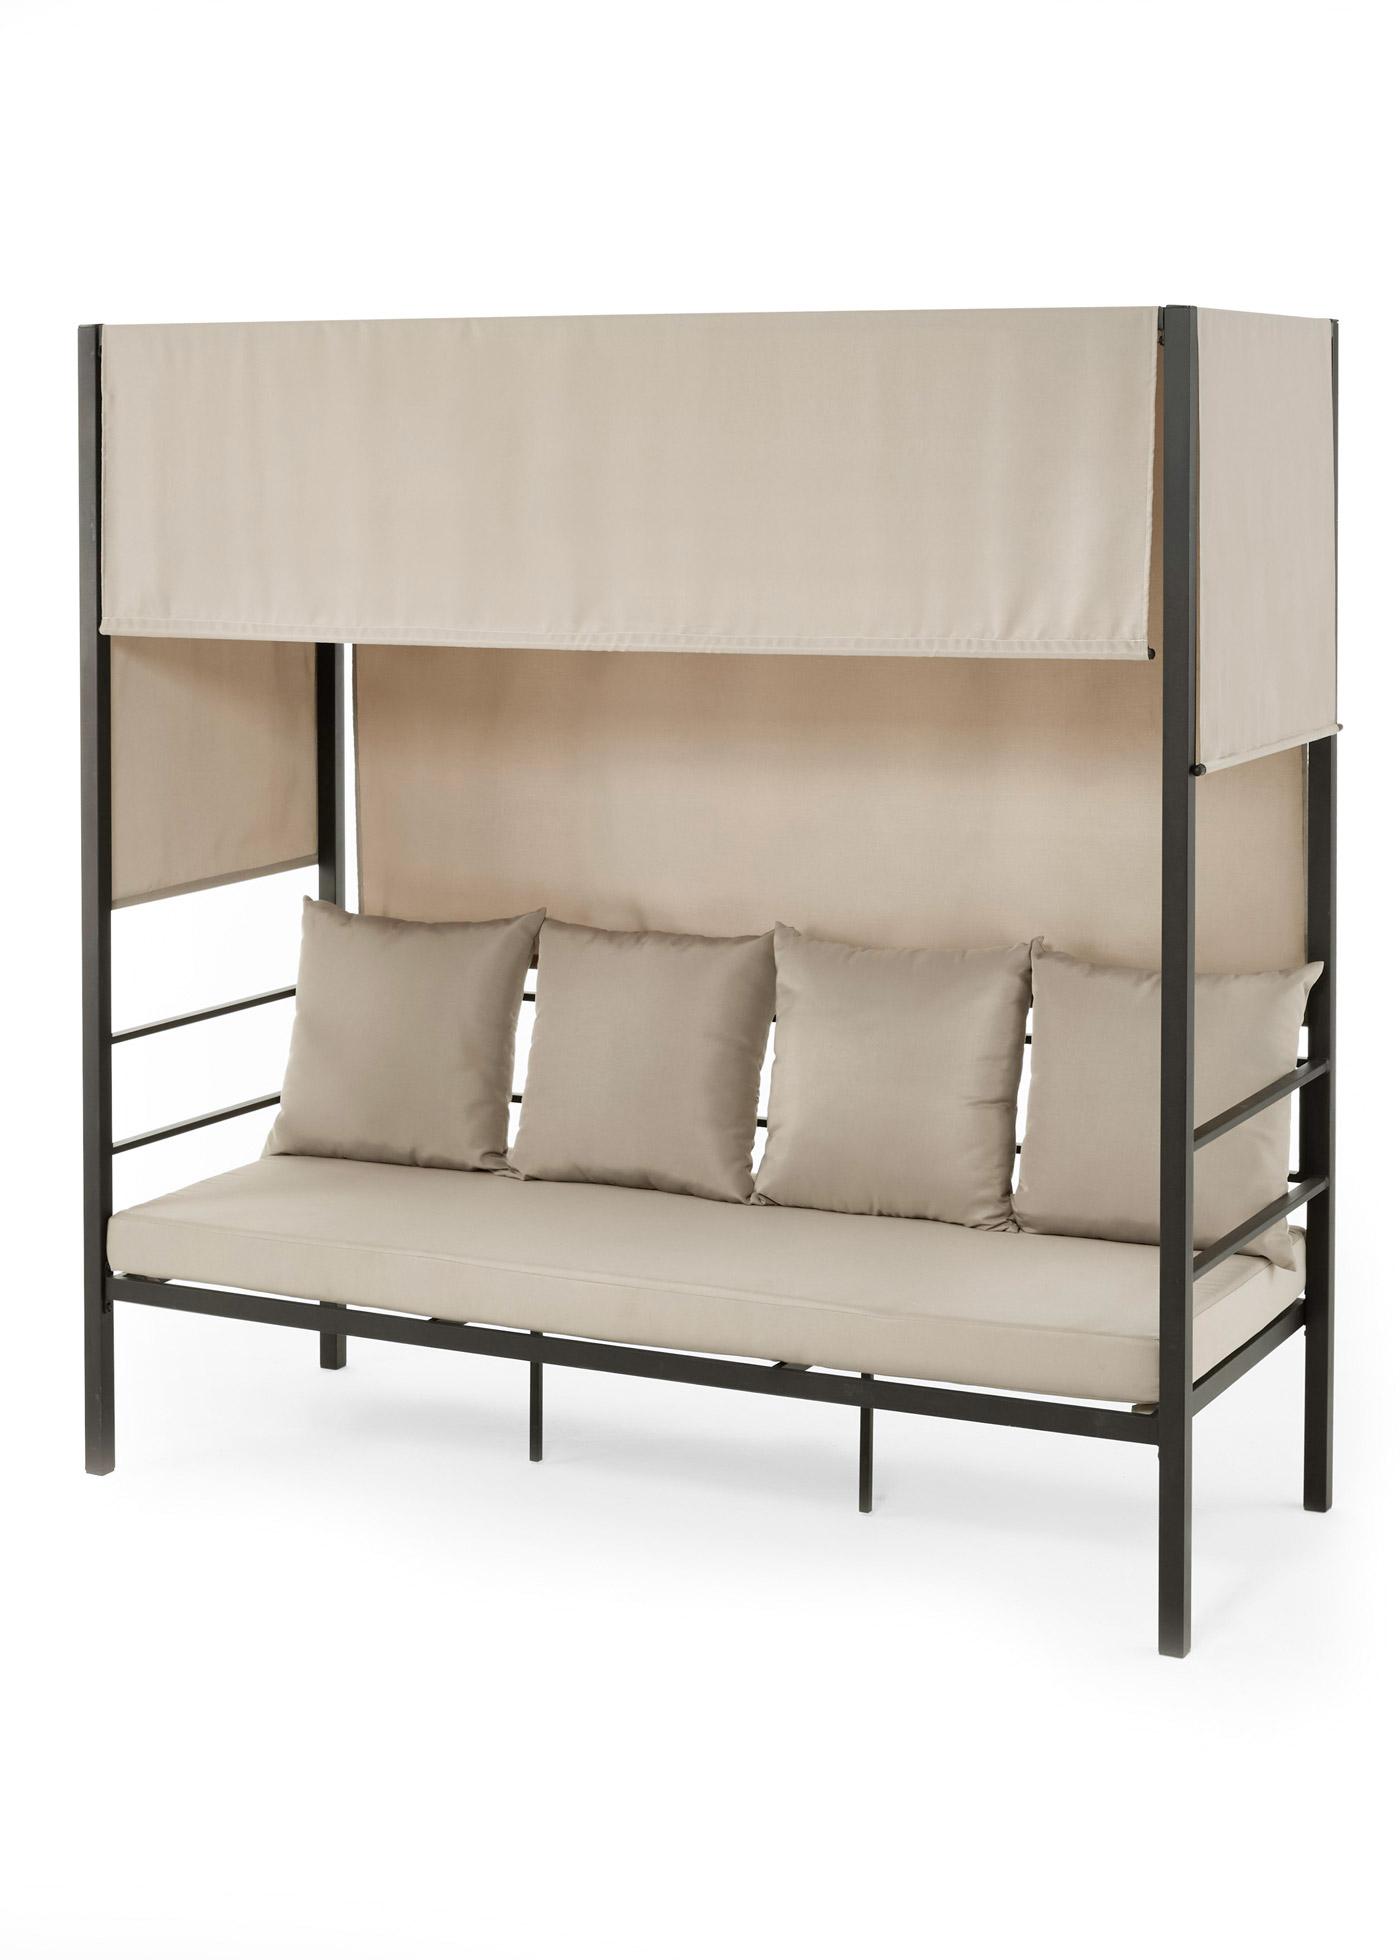 """*NEU*: Lounge-Sofa/Daybed """"Ruben"""" aus Stahl, schwarz/grau"""